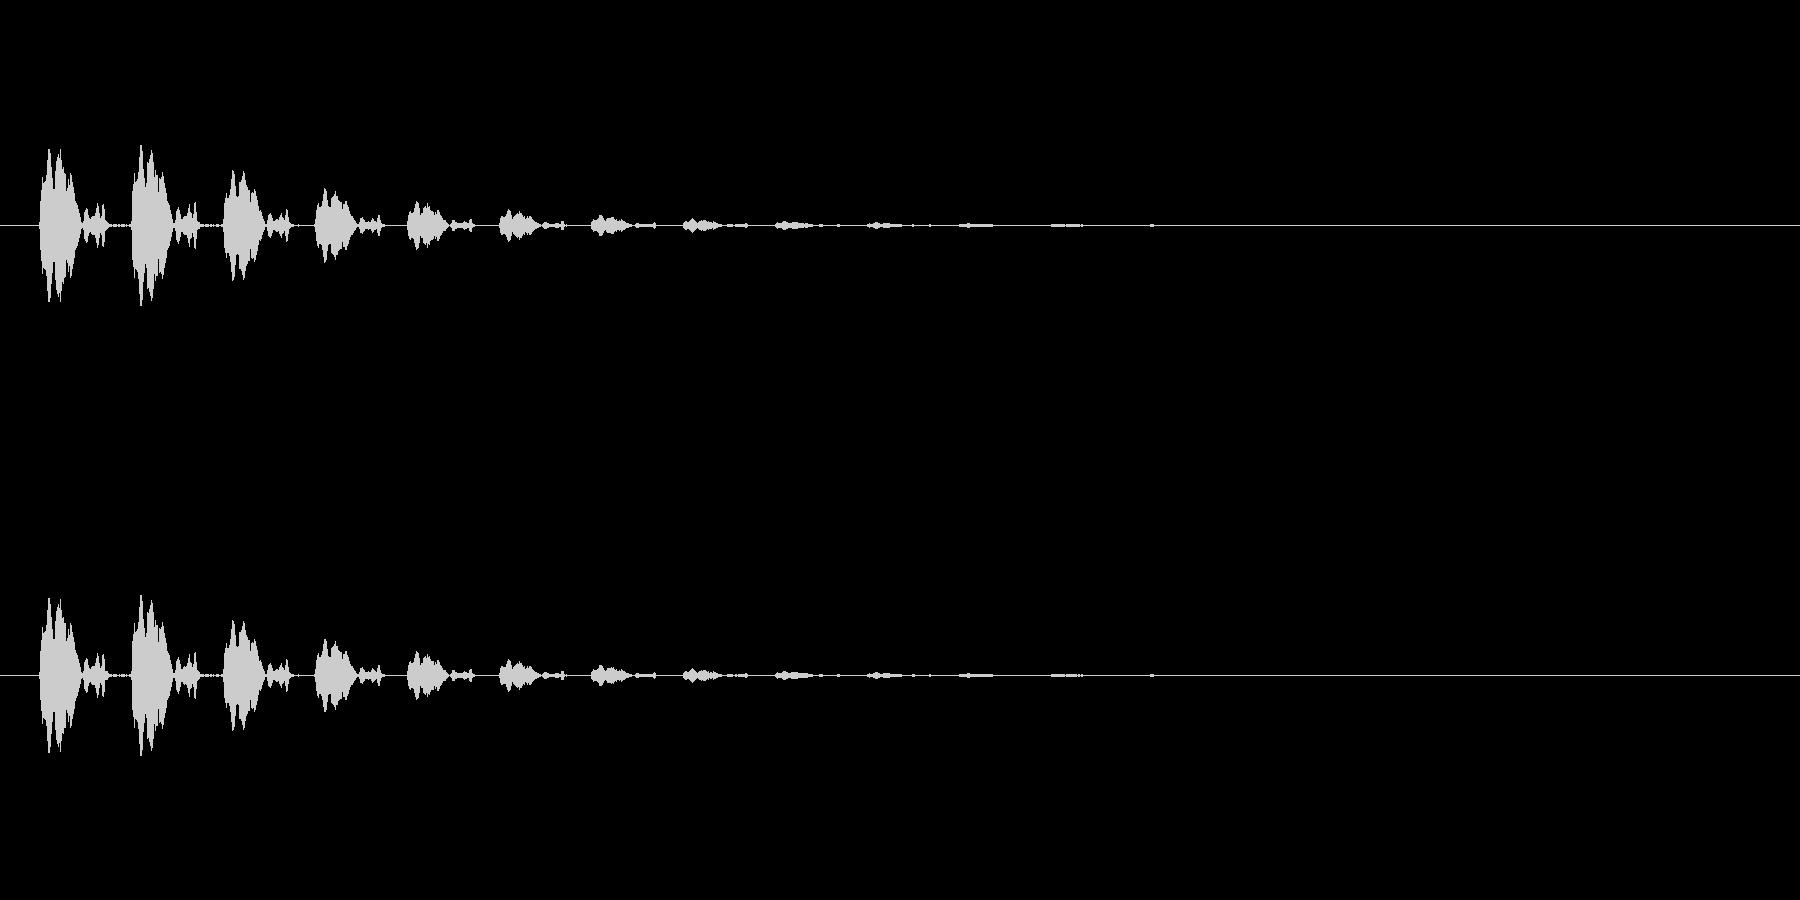 【ポップモーション20-3】の未再生の波形